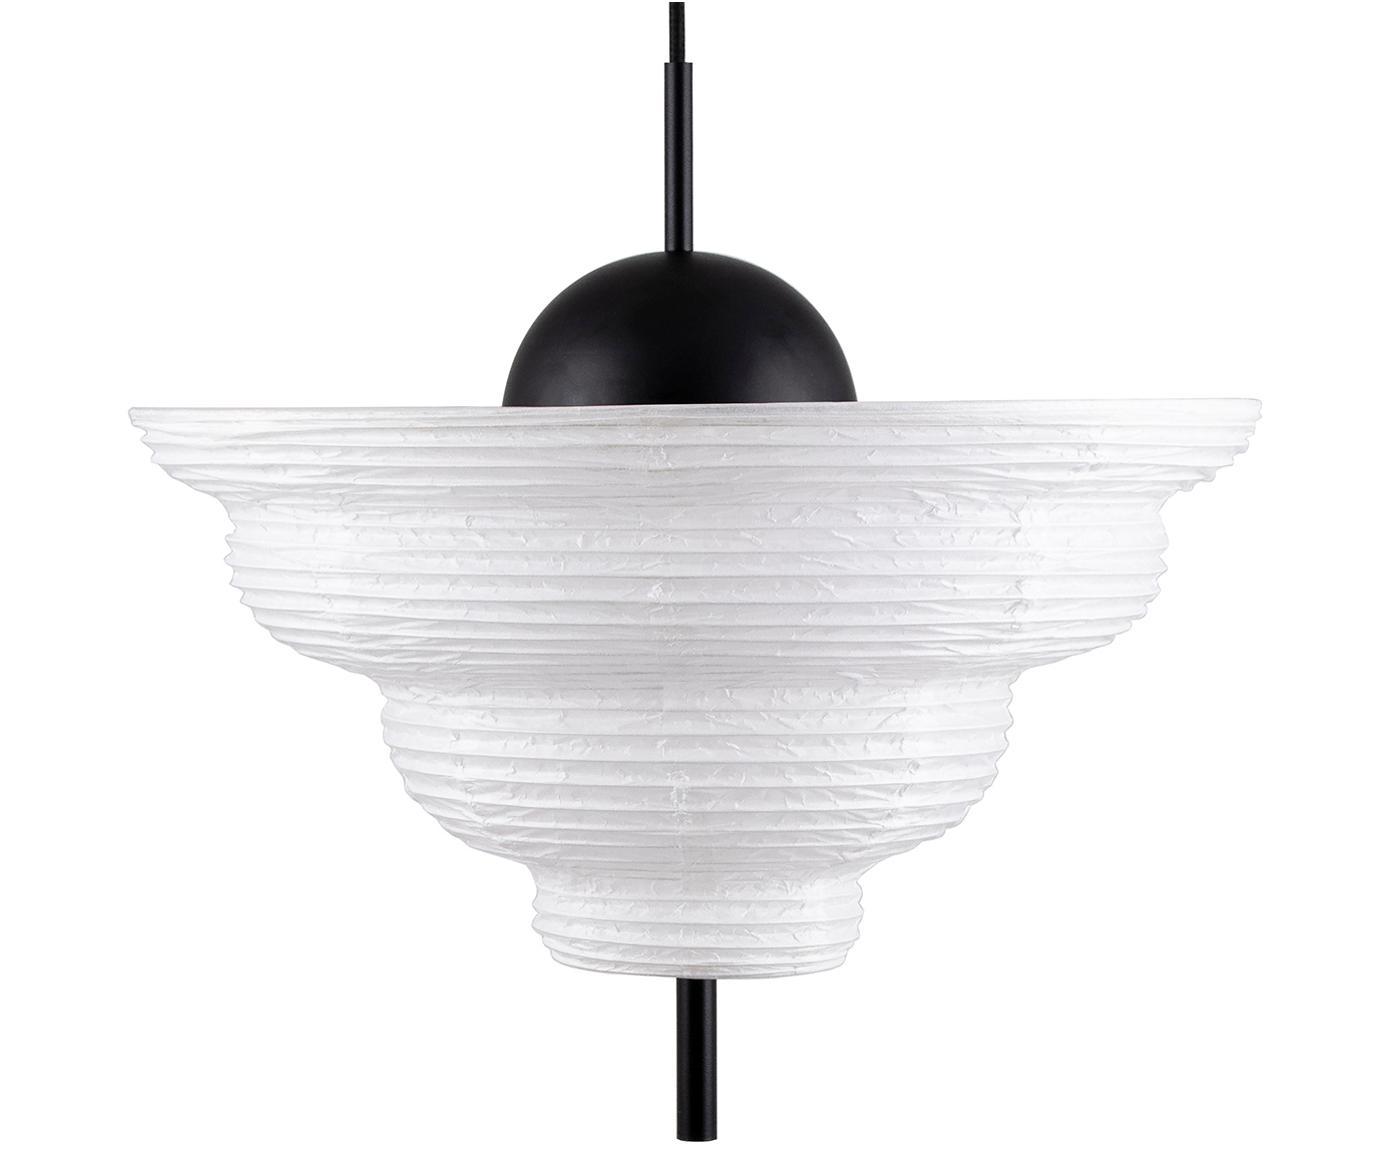 Lampa wisząca z papieru ryżowego Kyoto, Biały, czarny, Ø 45 x W 47 cm